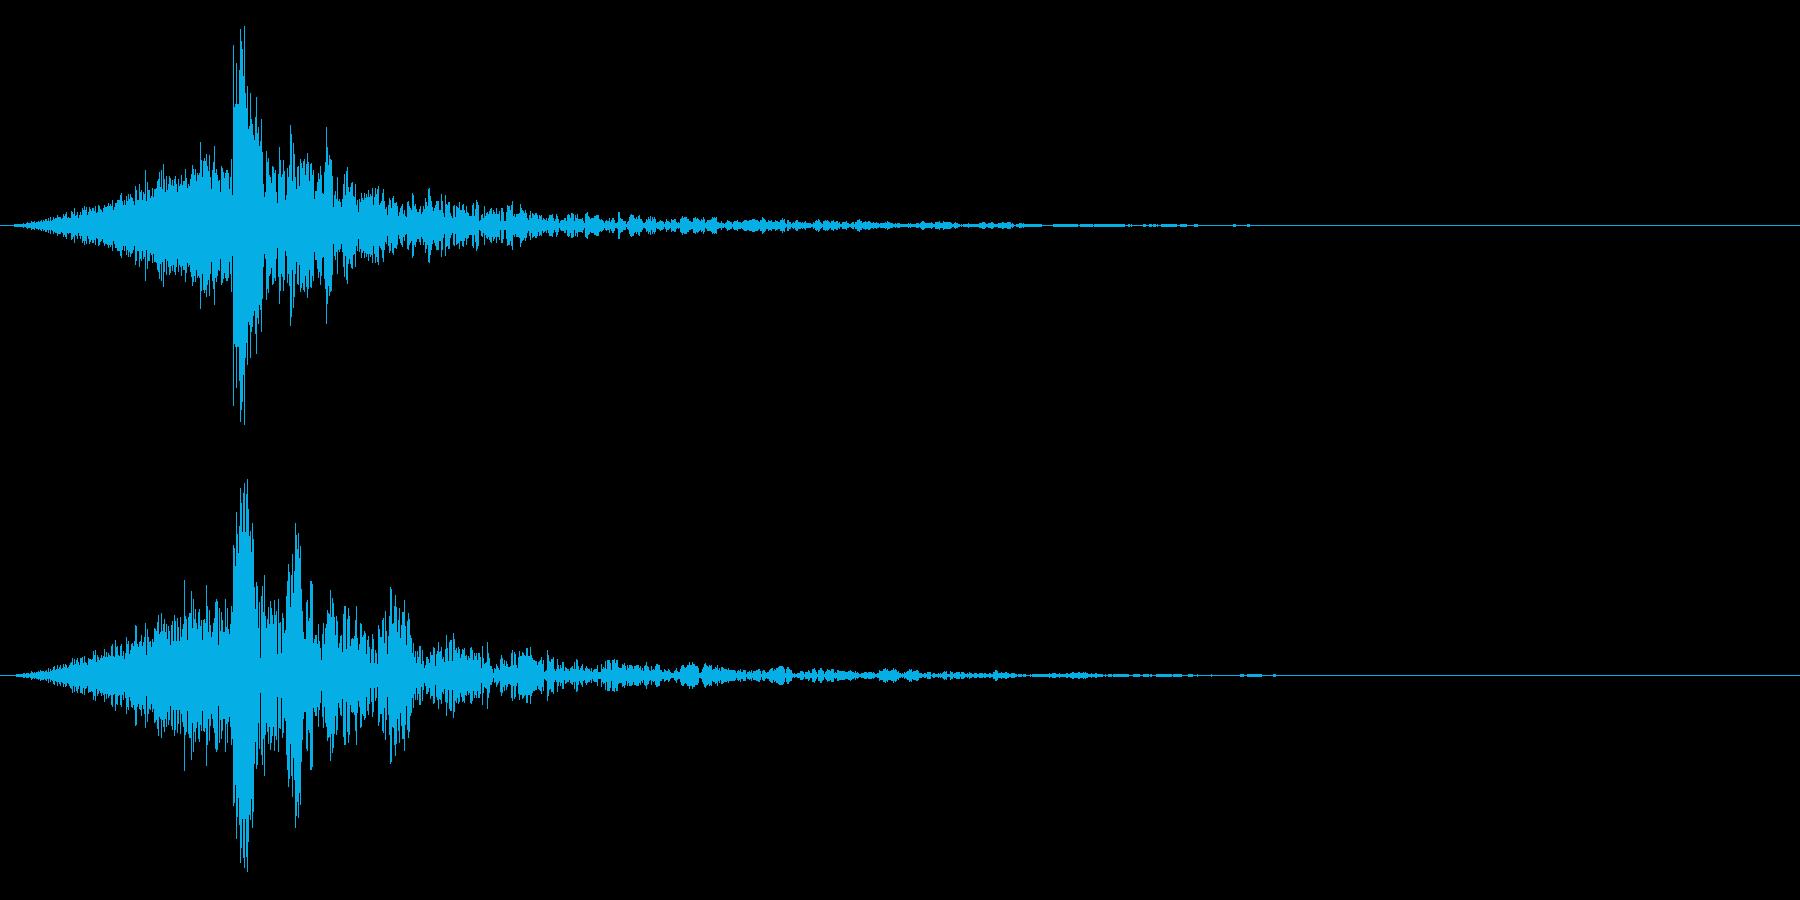 シュードーン-61-4(インパクト音)の再生済みの波形